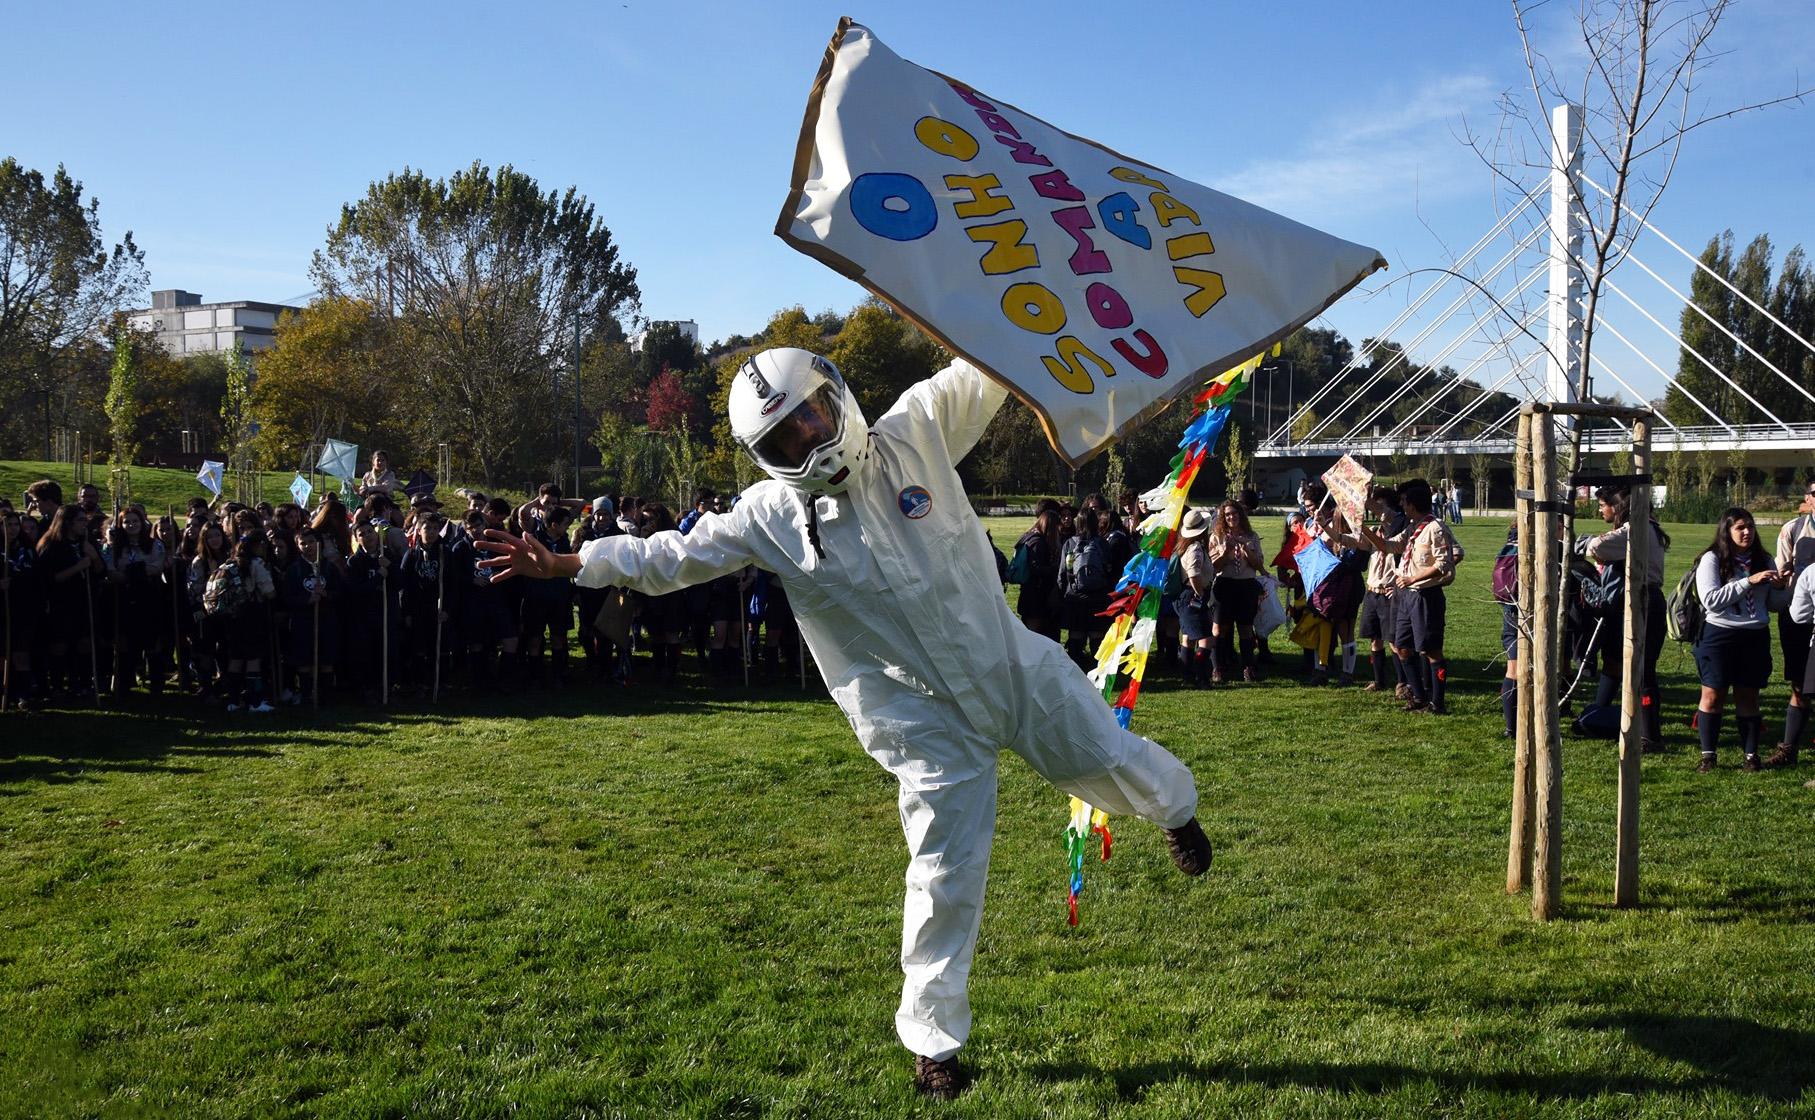 Os escuteiros foram desafiados a reviver a ida do Homem à Lua, mas num papagaio de papel.